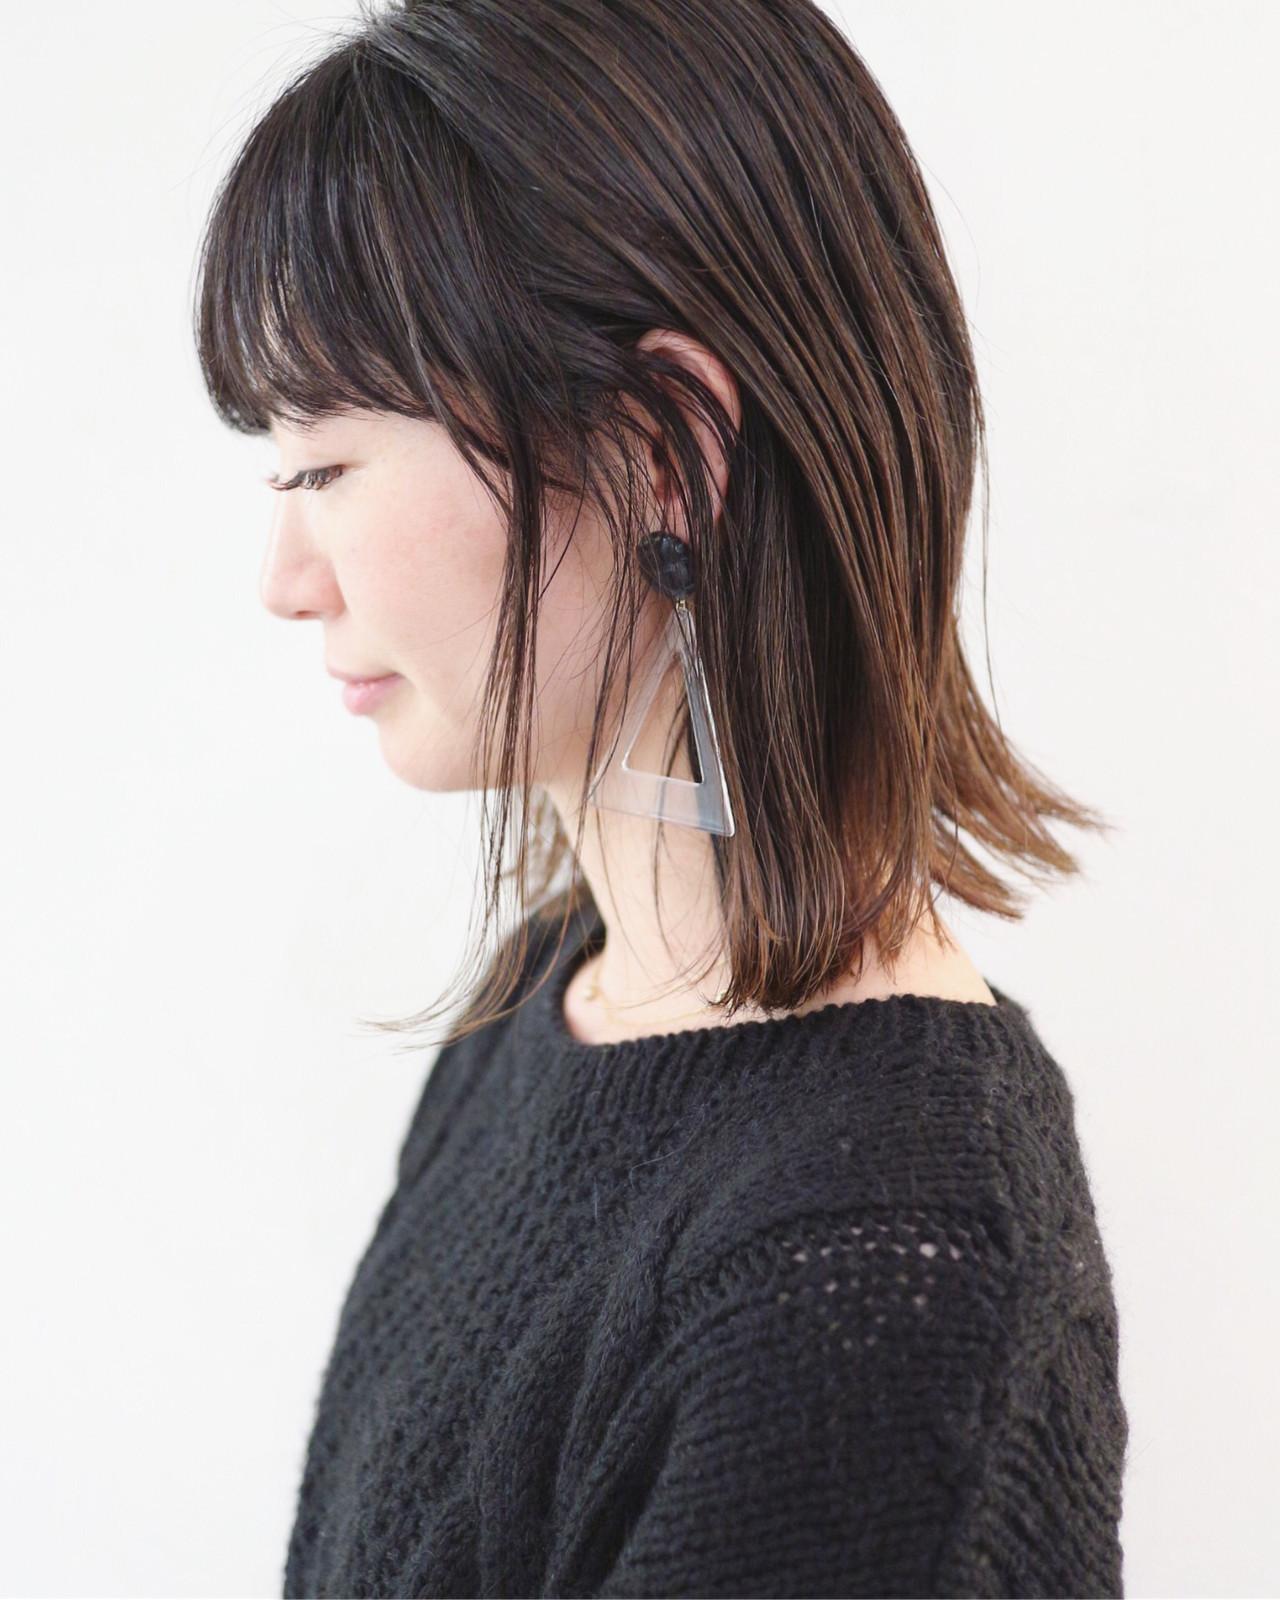 外ハネボブ ミディアム グラデーションカラー ストレート ヘアスタイルや髪型の写真・画像